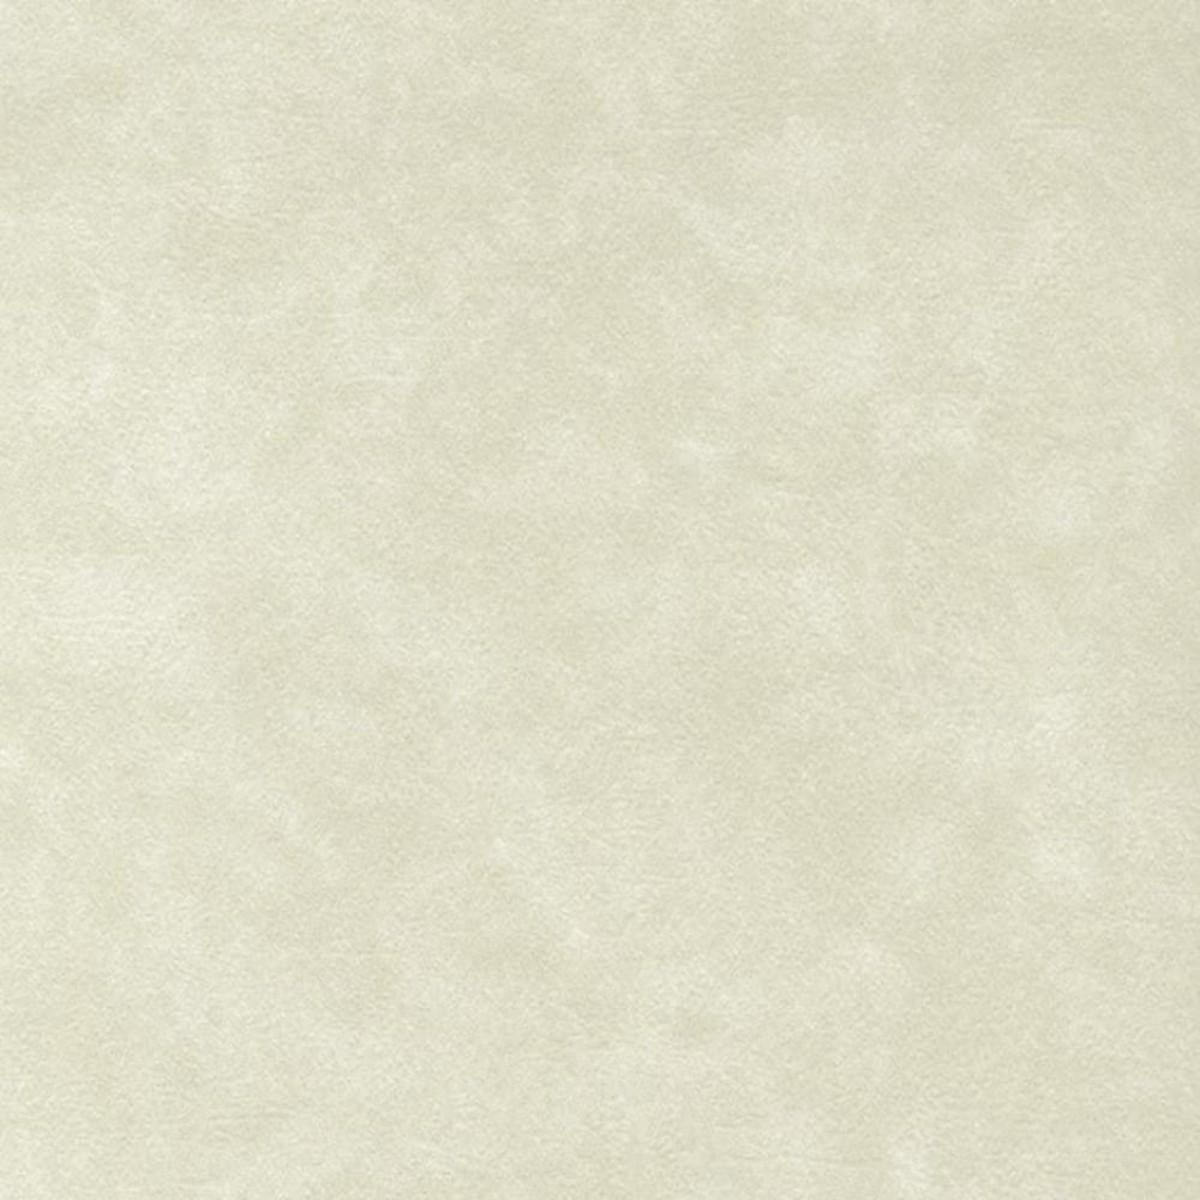 Обои флизелиновые Aura Memories серые 0.53 м G56124